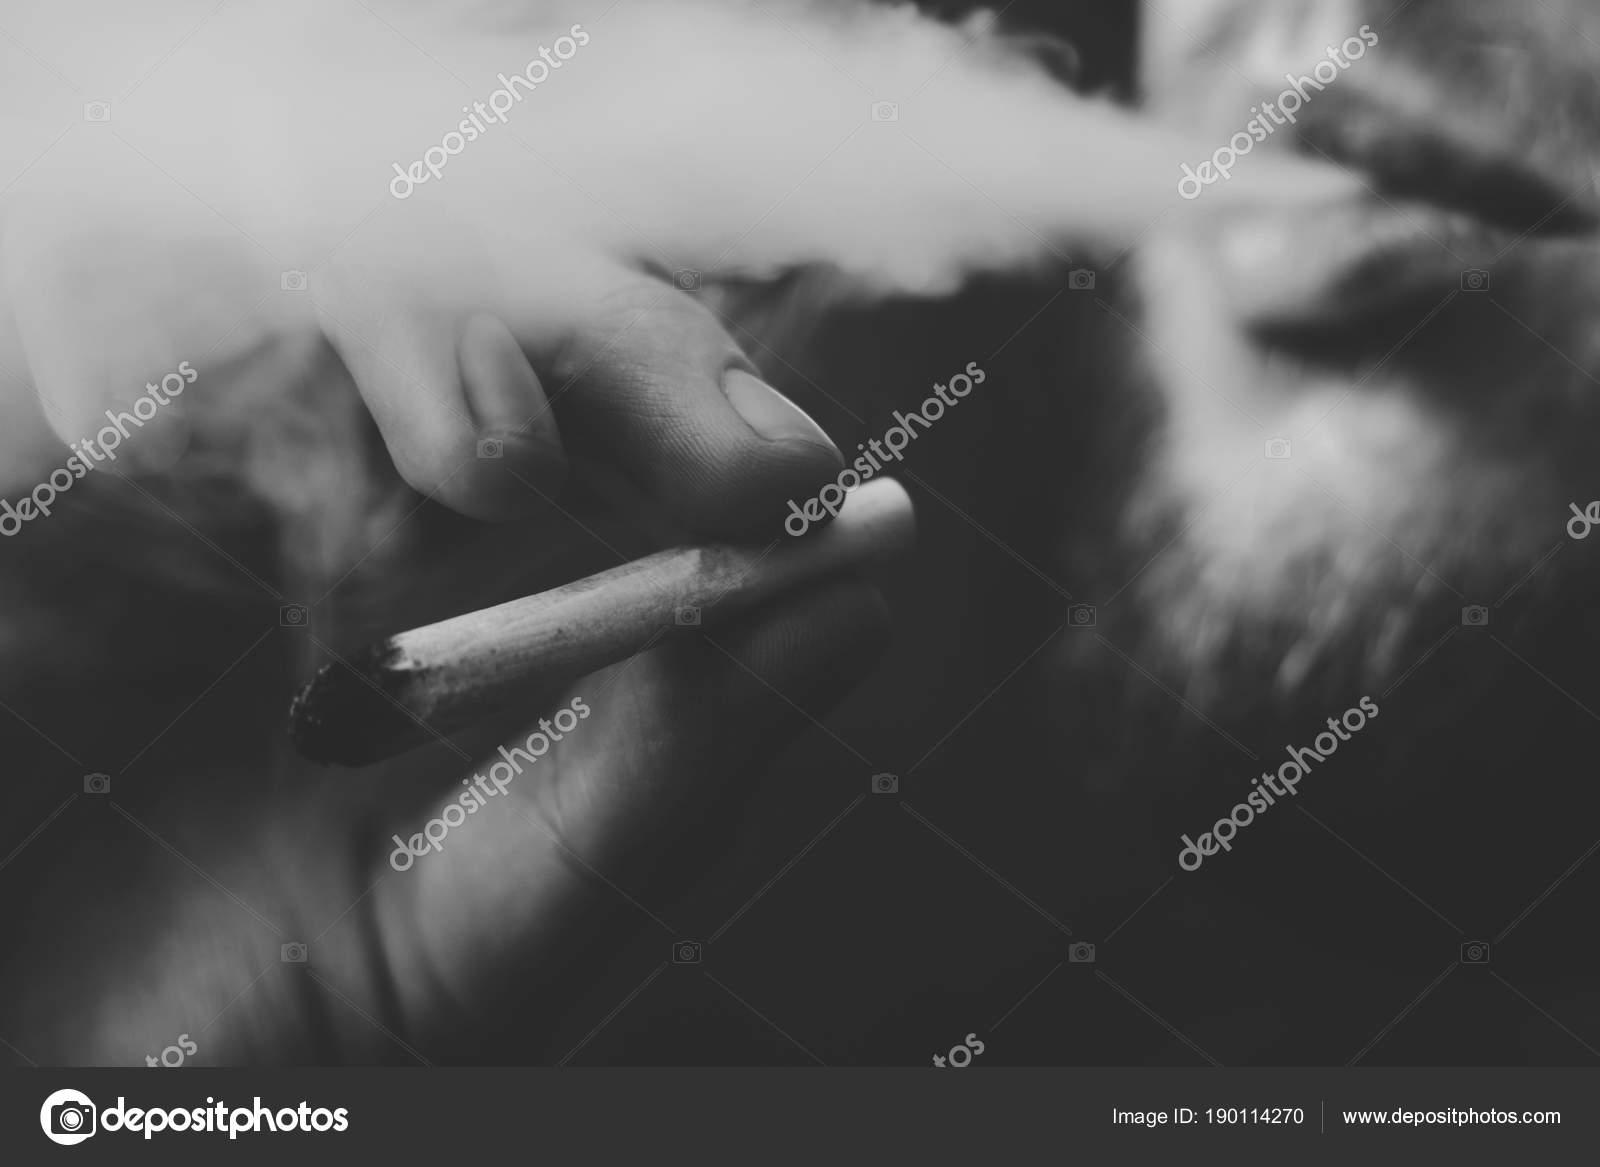 Парень курит коноплю онкология марихуана